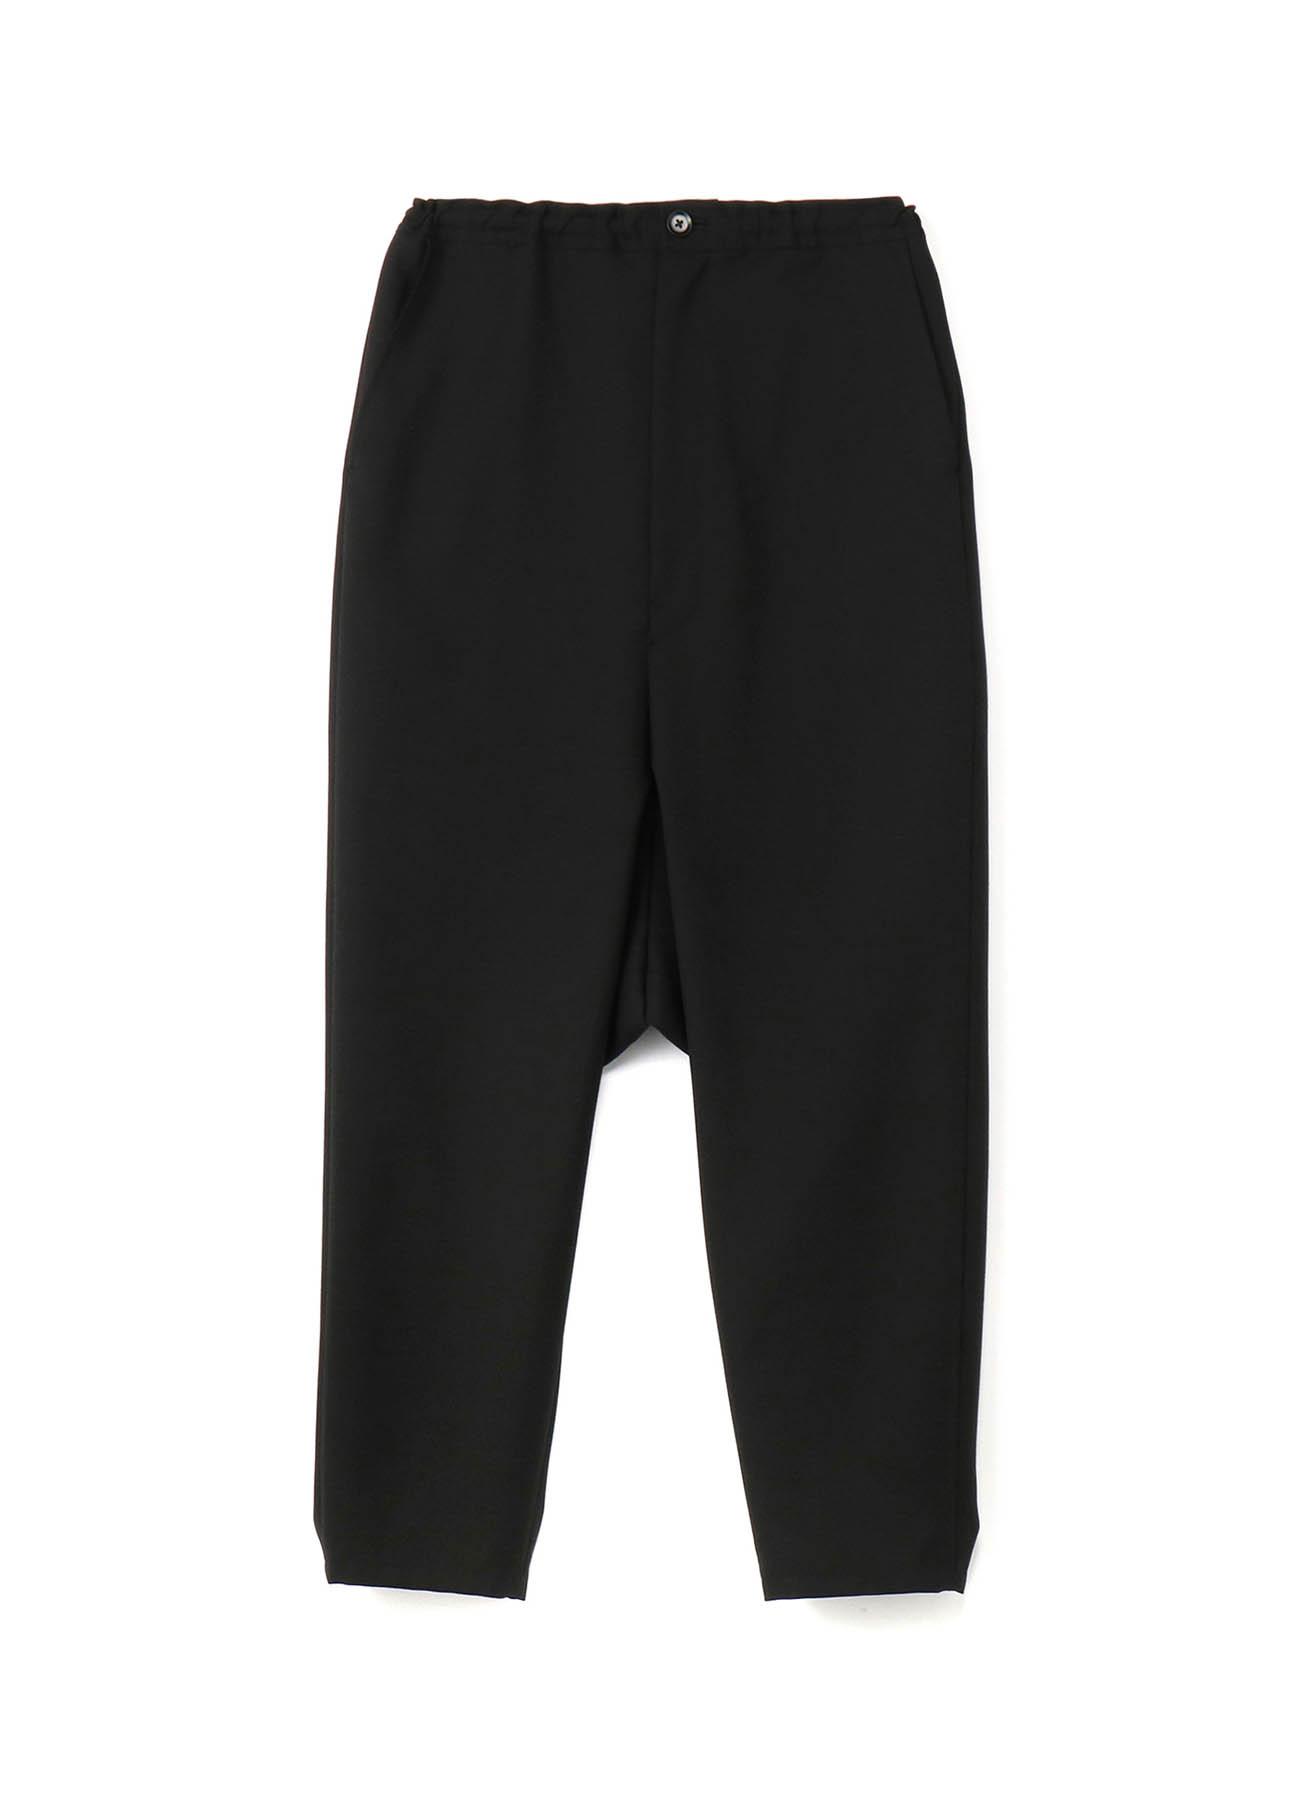 T / W gaberdine Sarouel直筒裤